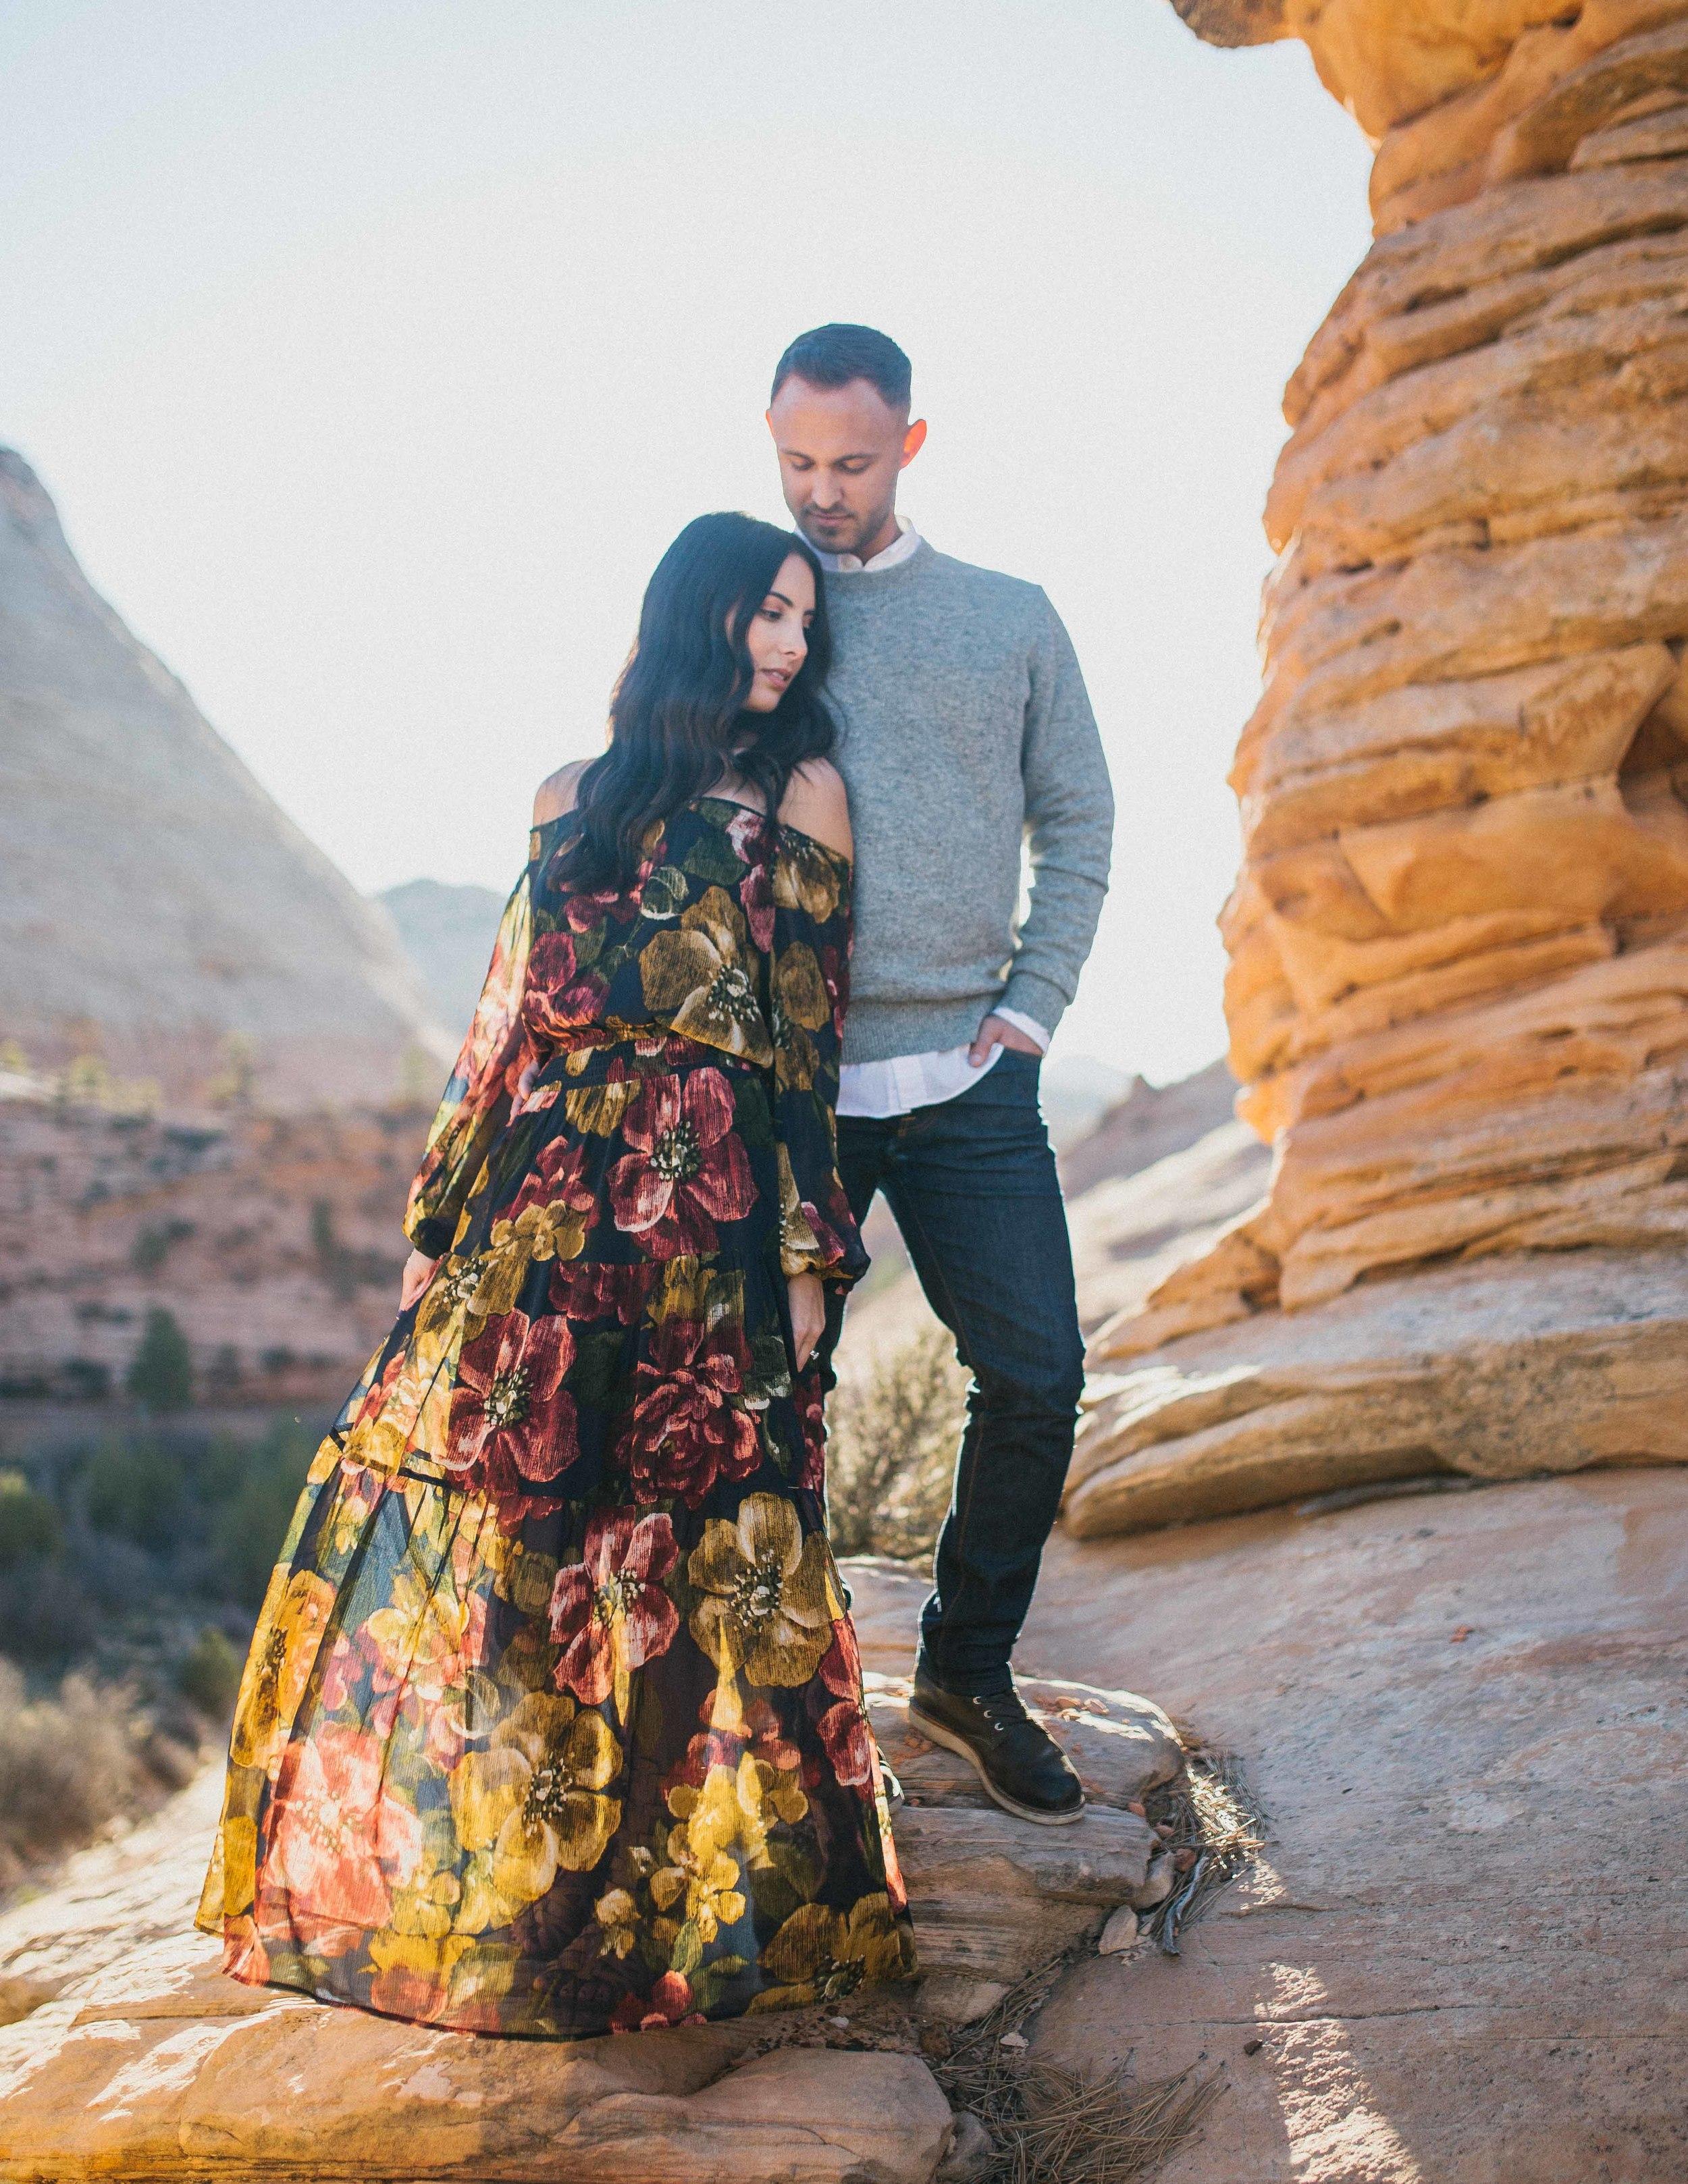 Zion-Utah-Engagement-Photographer-8.jpg